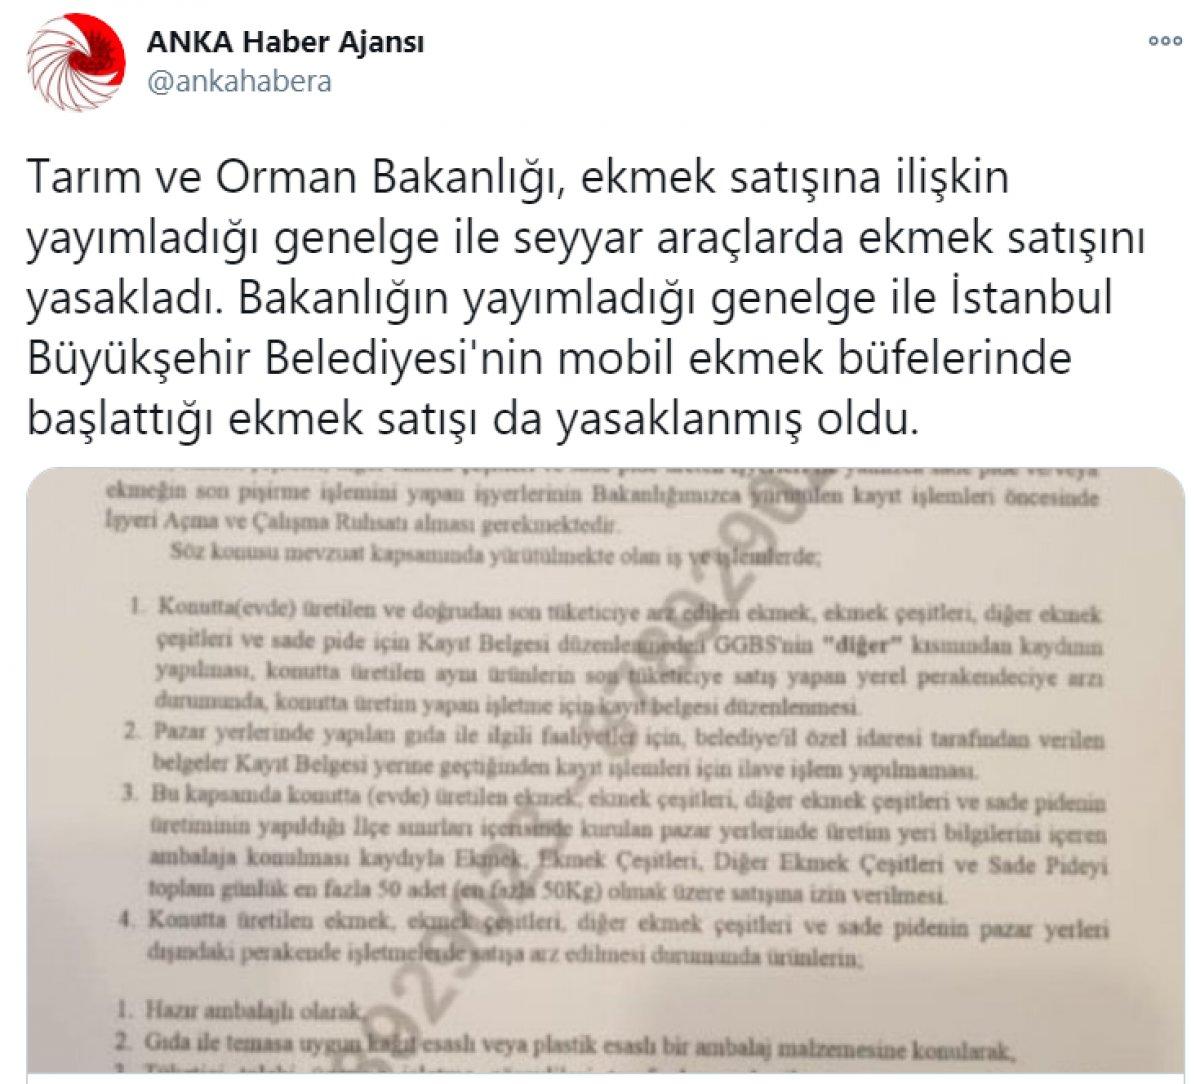 Tarım ve Orman Bakanlığı,  İBB nin mobil büfelerinin yasaklandığı  haberini yalanladı #3